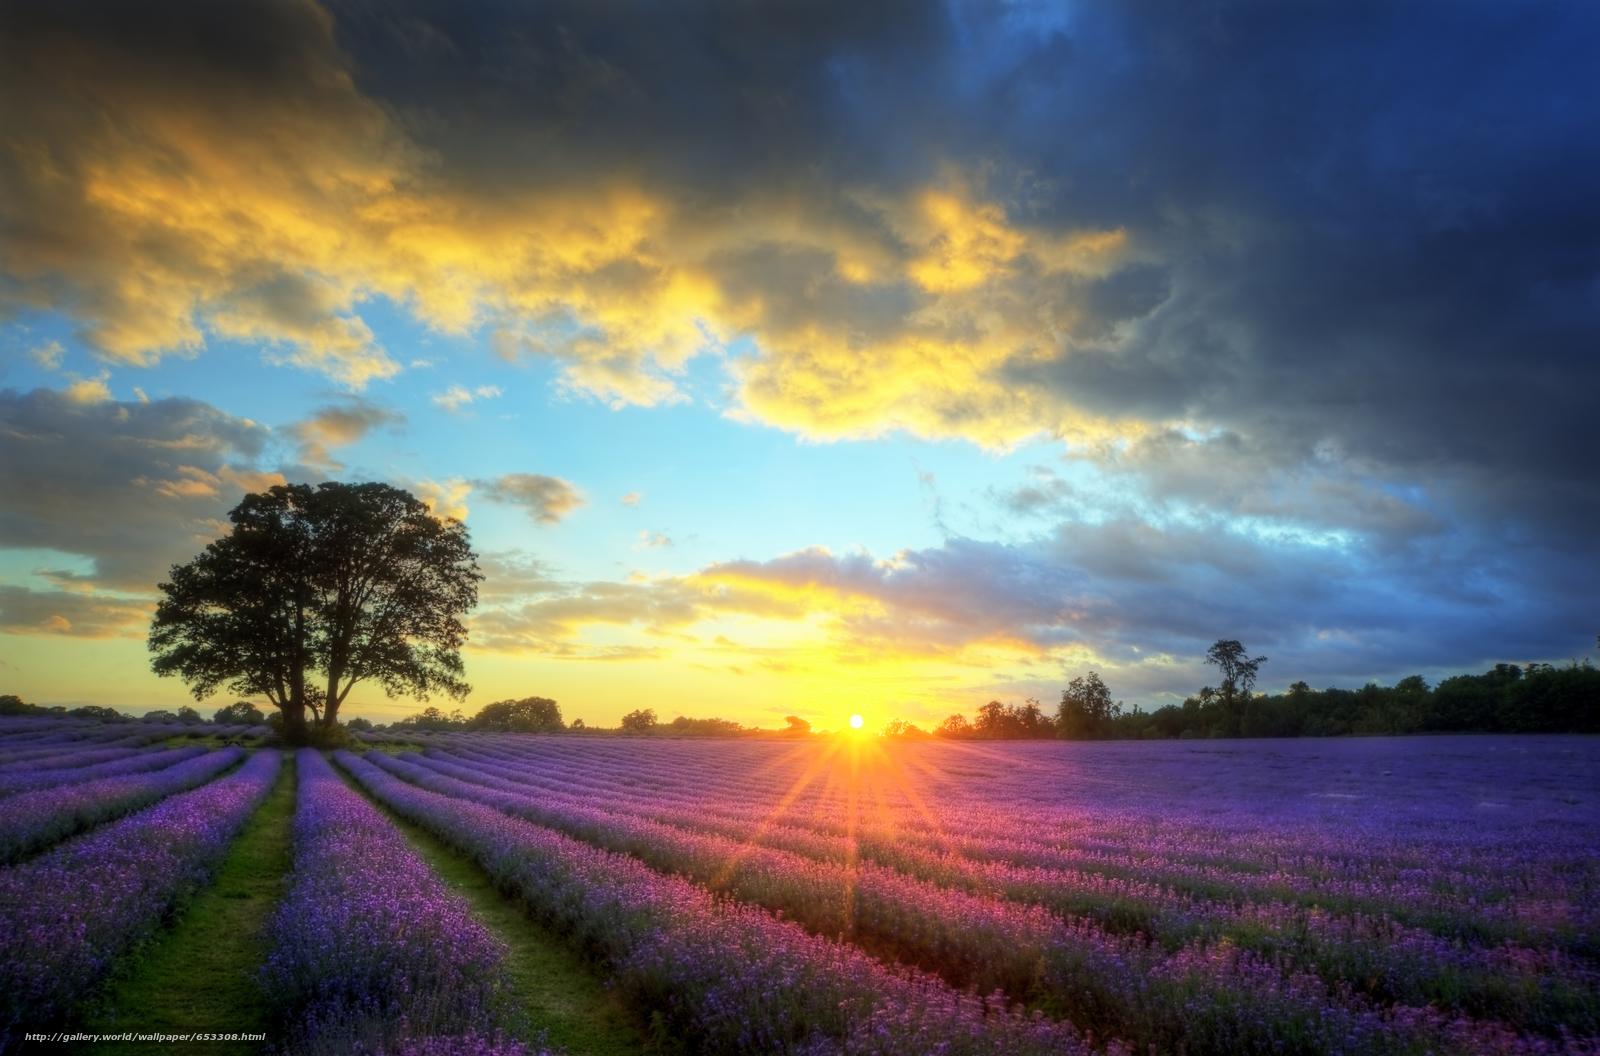 Скачать обои поле,  лаванда,  цветы,  лавандовое поле бесплатно для рабочего стола в разрешении 8356x5514 — картинка №653308